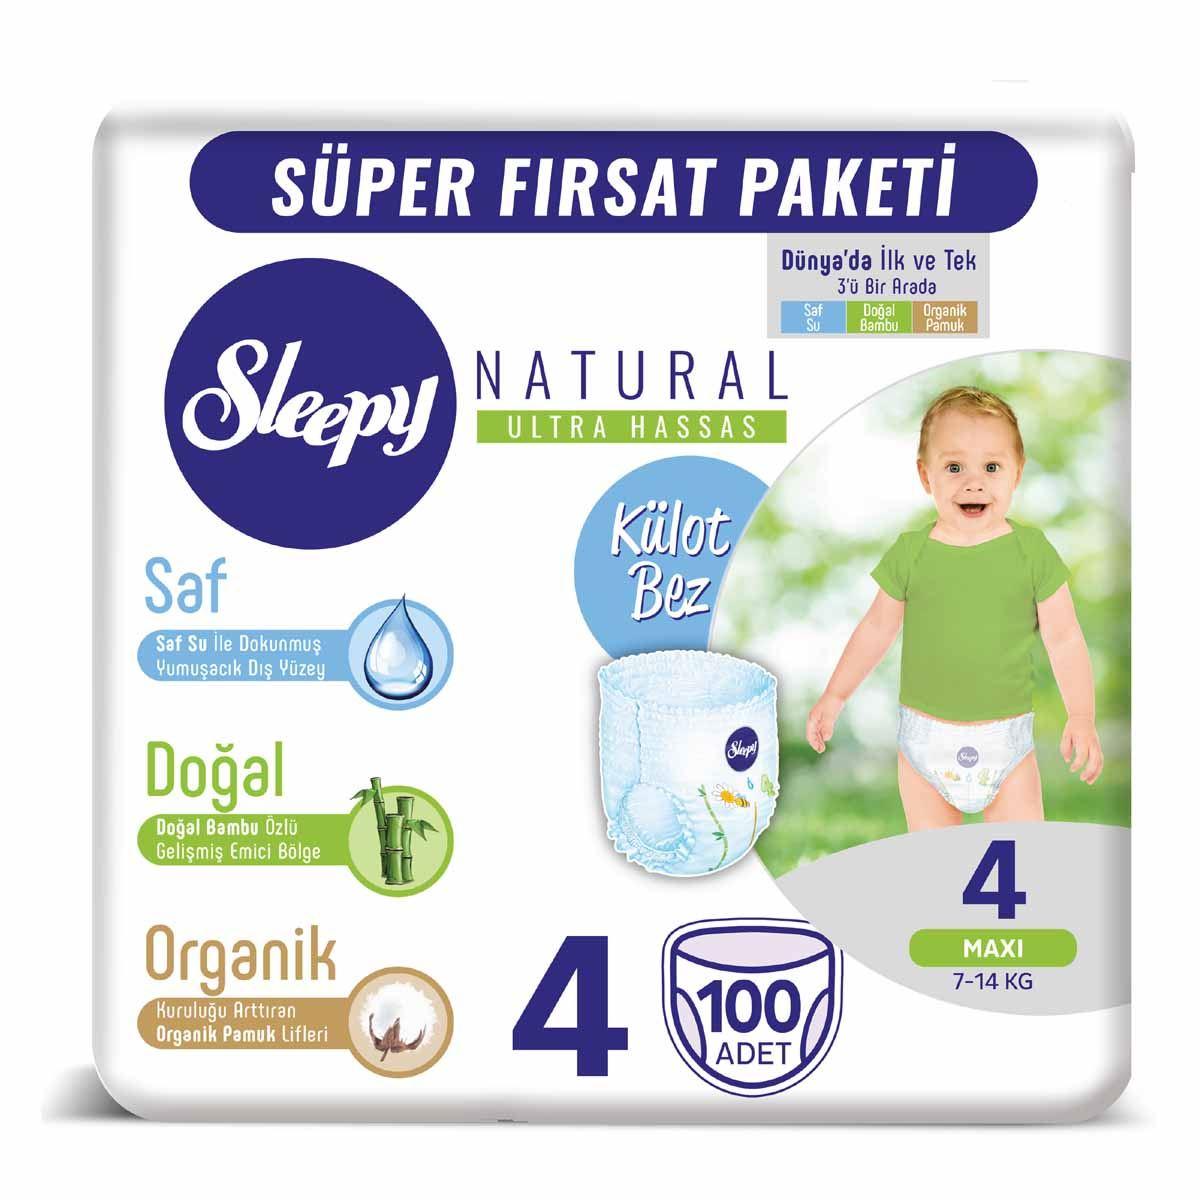 Sleepy Natural KÜLOT Bez 4 Numara Maxi 100 Adet